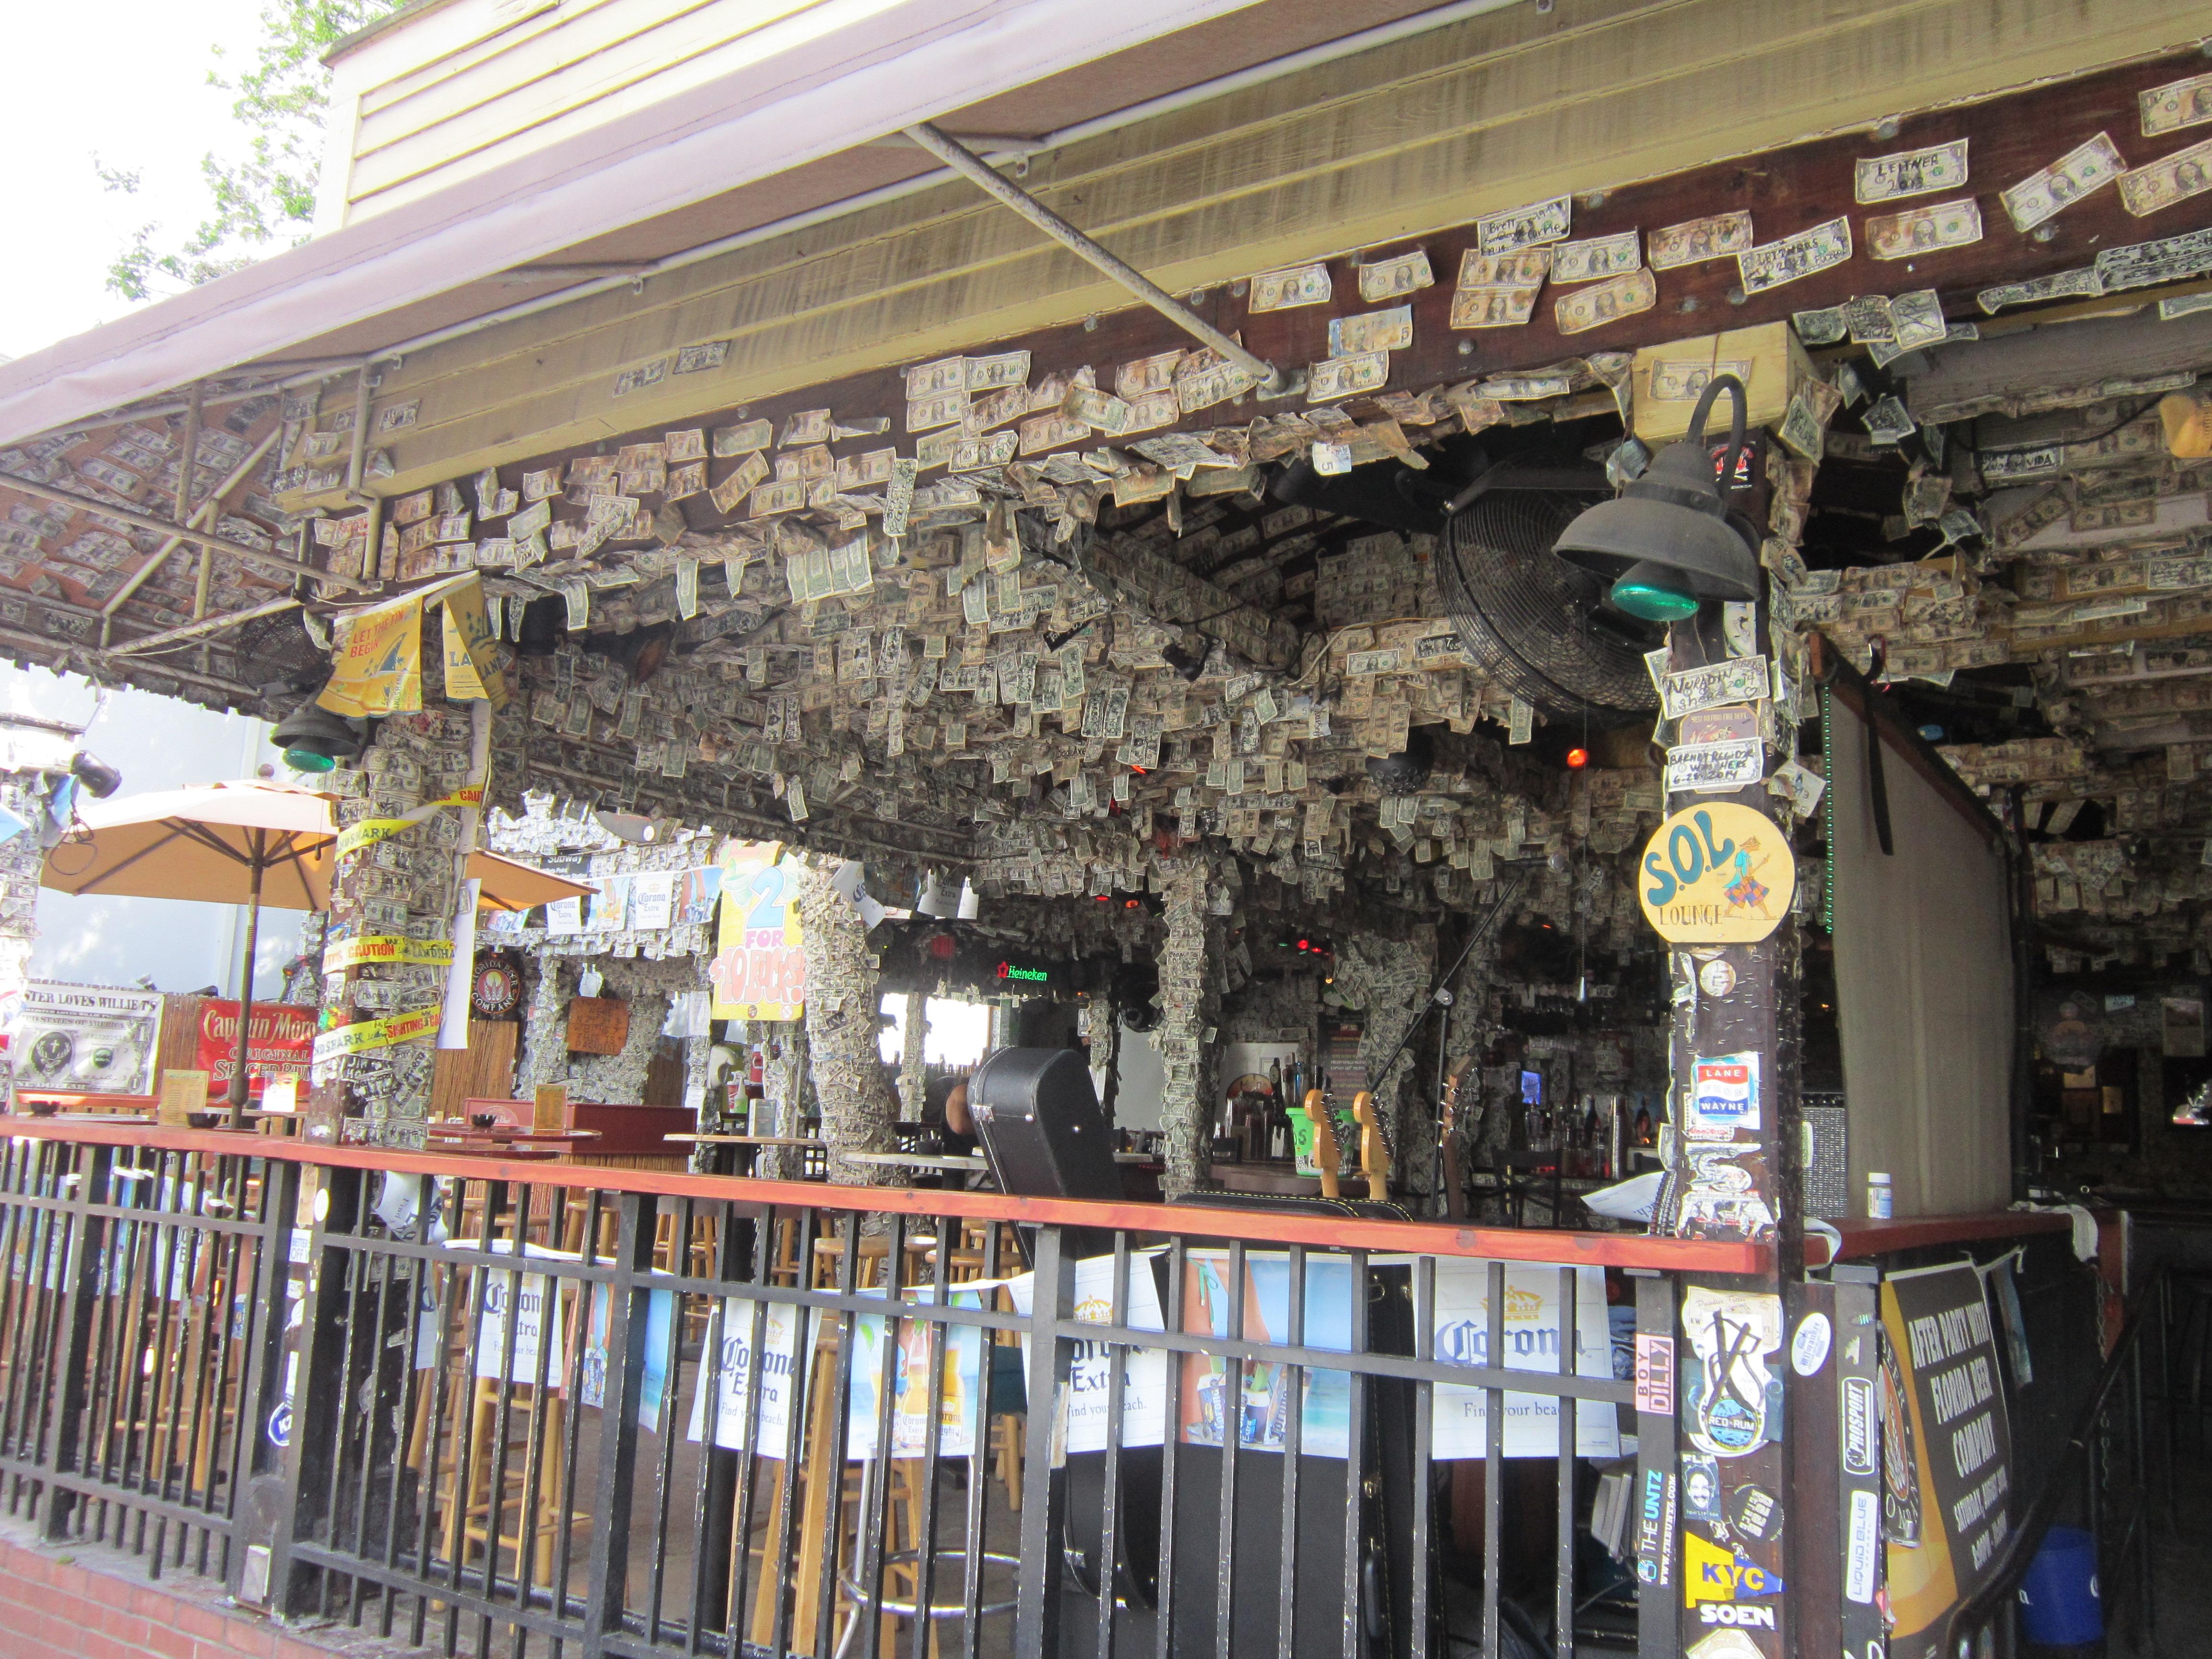 """Ки Уэст, Флорида, США. Дюваль Стрит. """"Долларовый бар"""""""